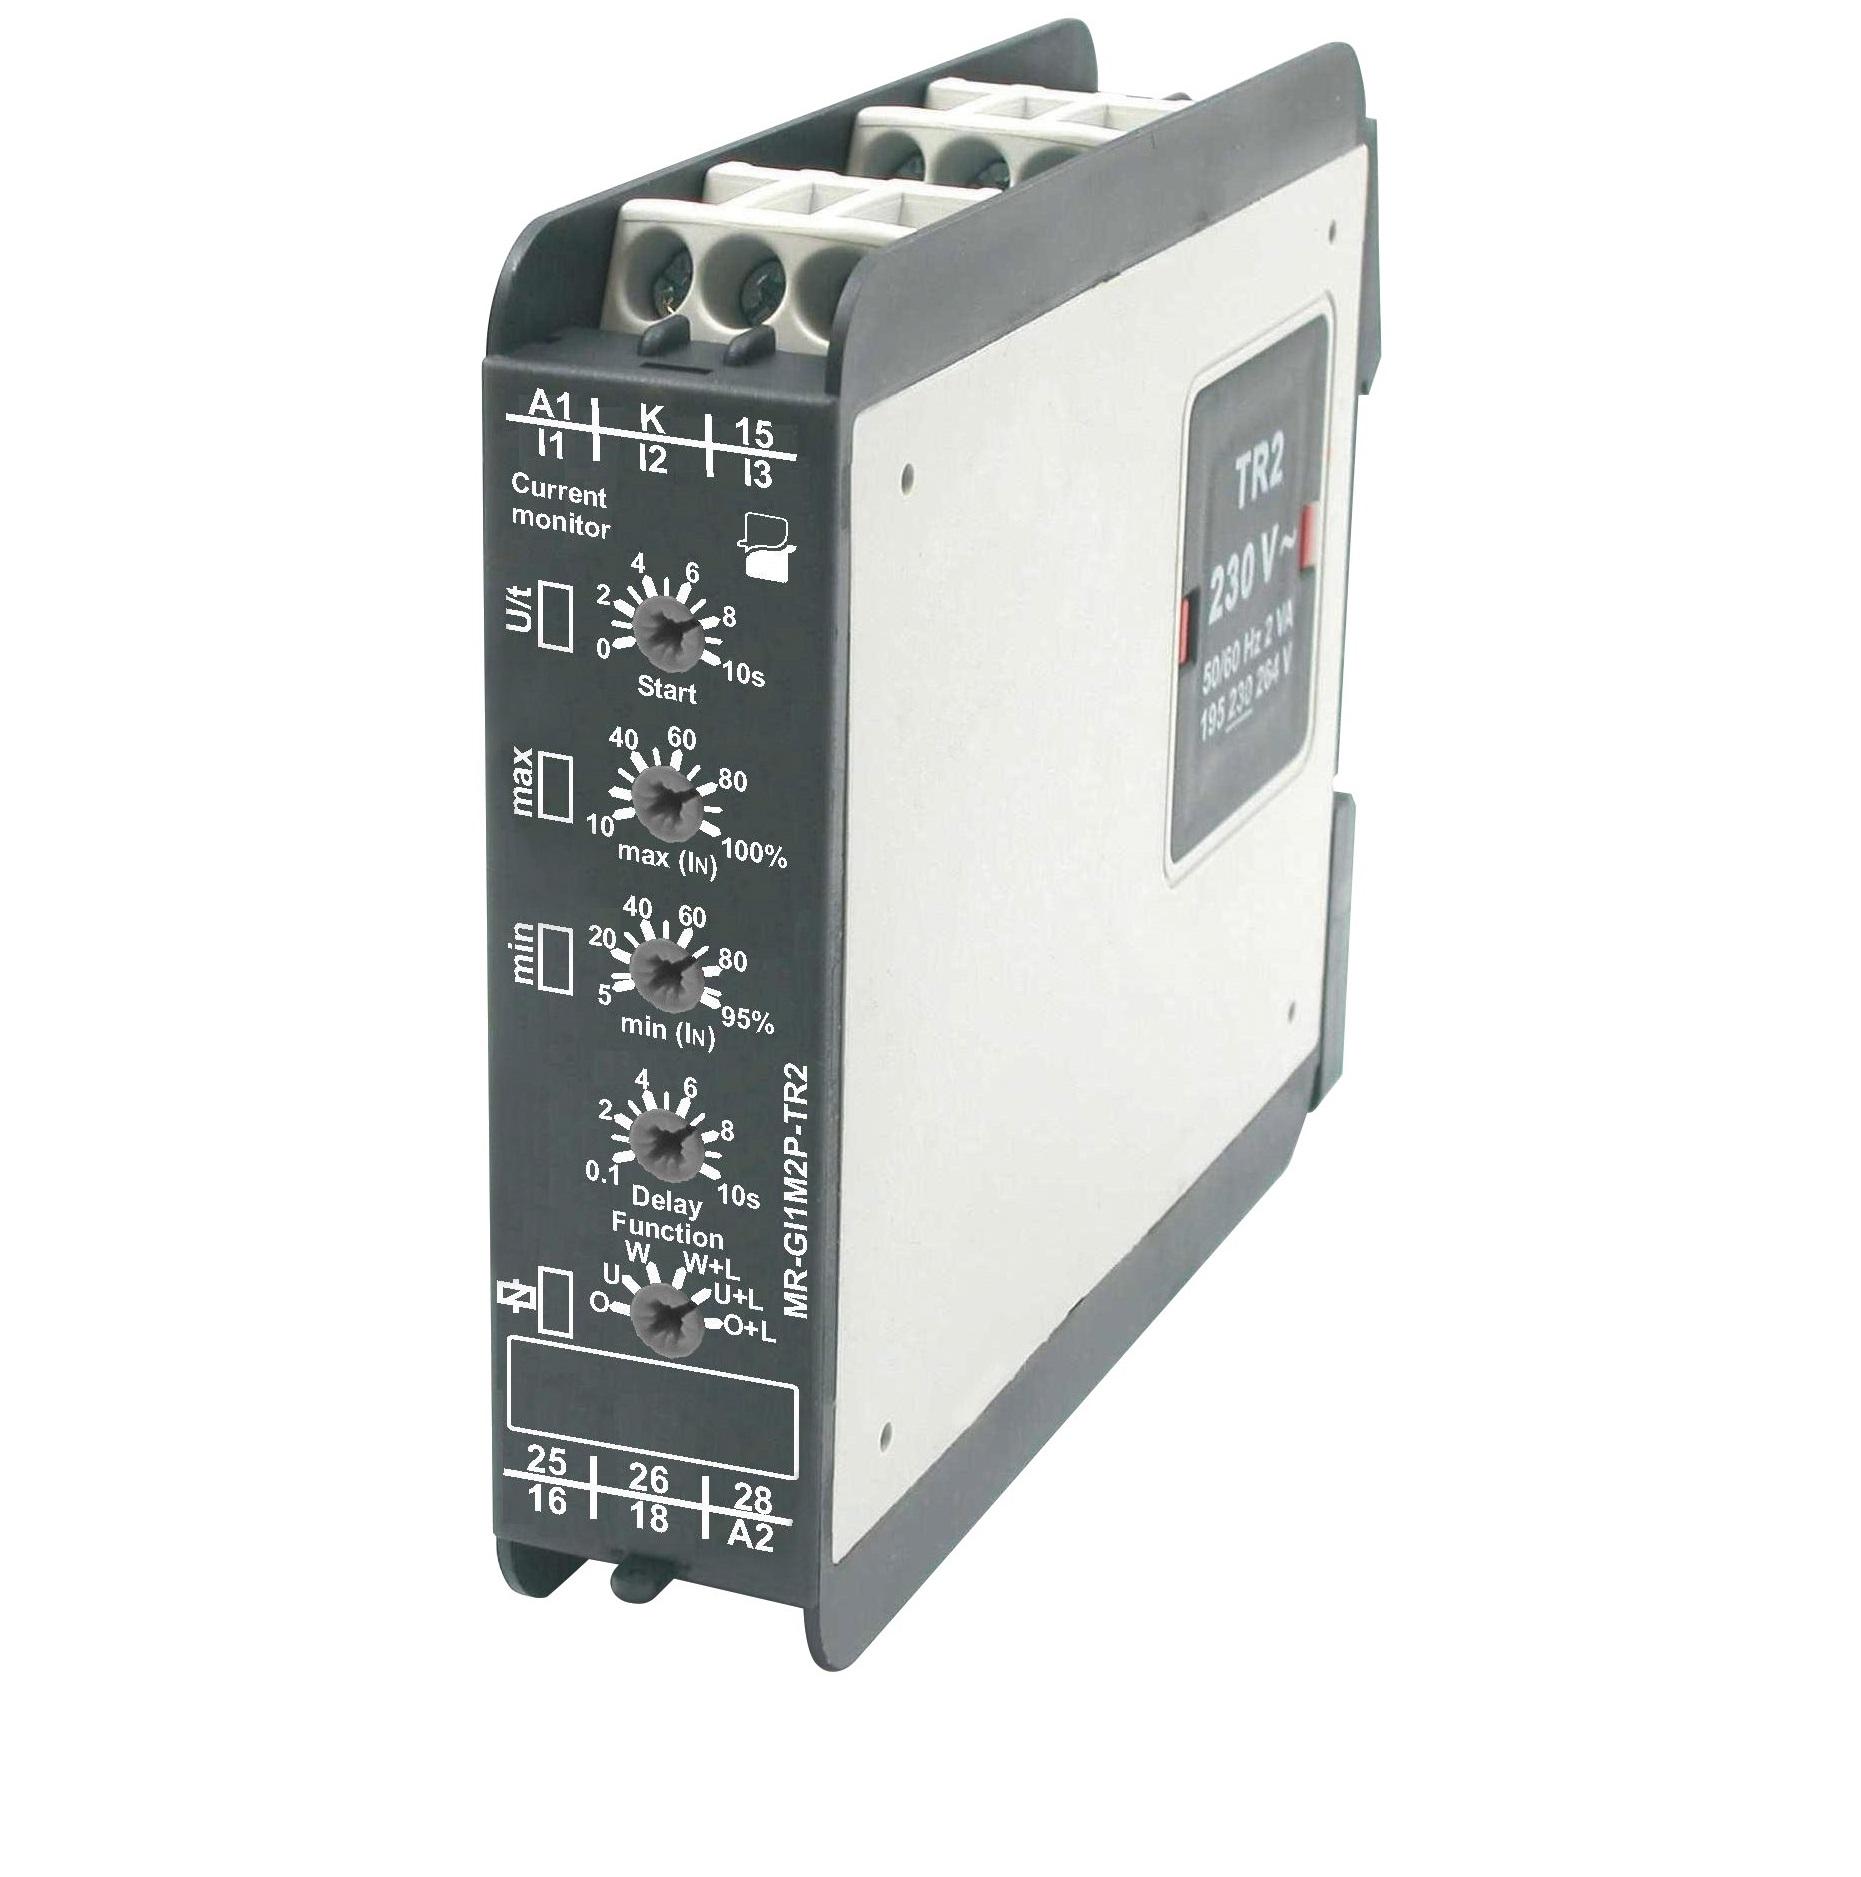 реле контроля тока многофункциональное MR-GI1M2P-TR2